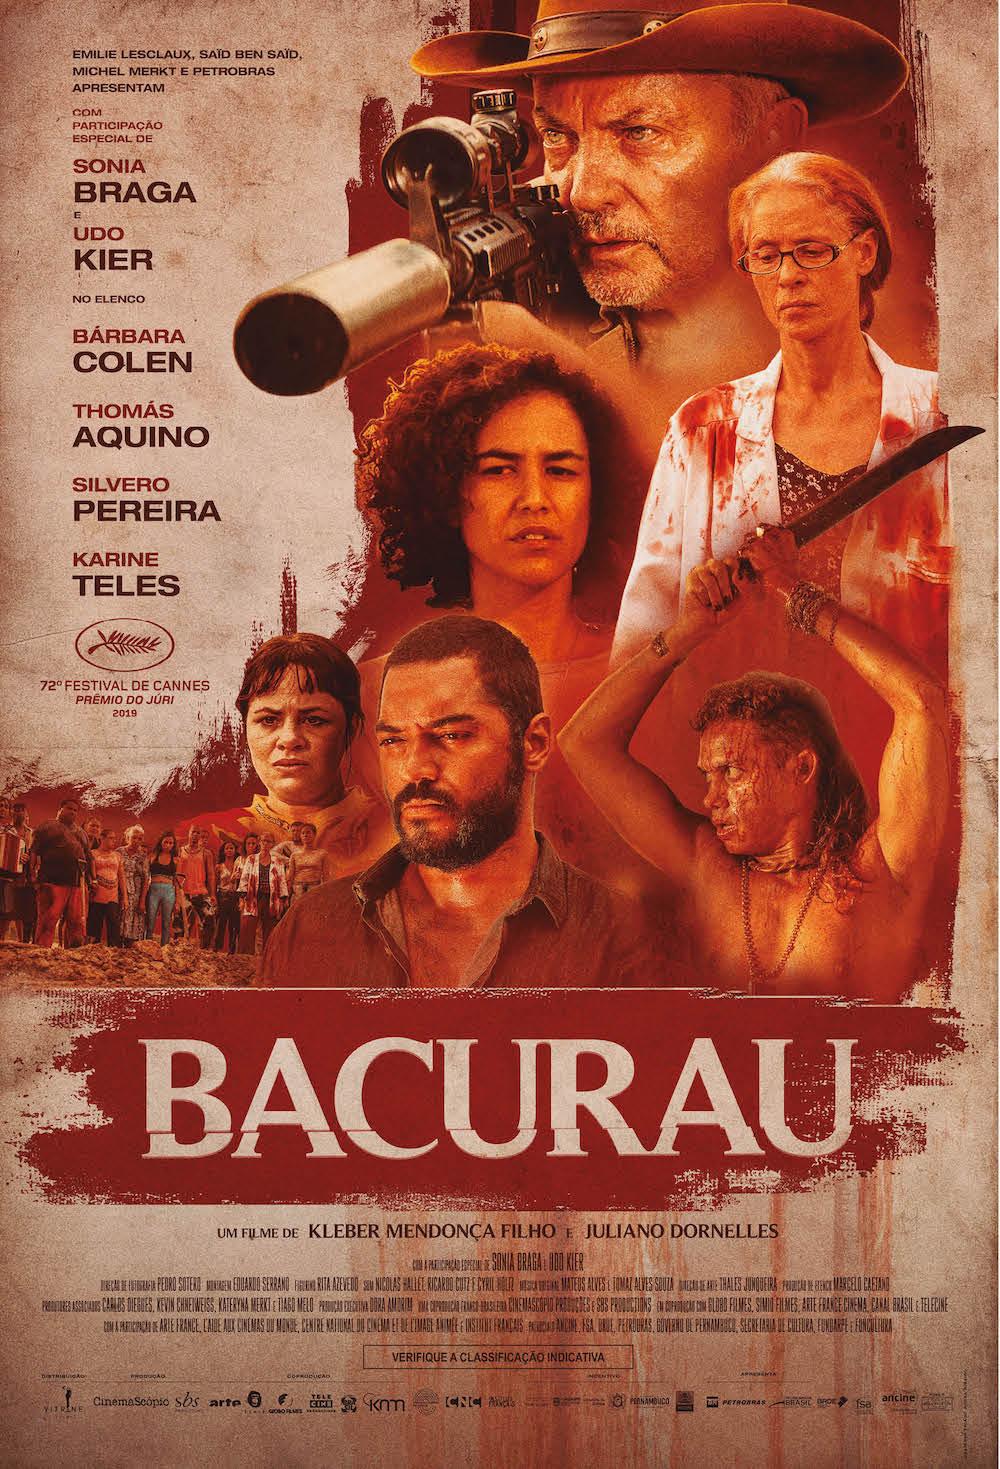 JE VIENS DE MATER UN FILM ! - Page 17 Bacurau-poster-3-furyosa